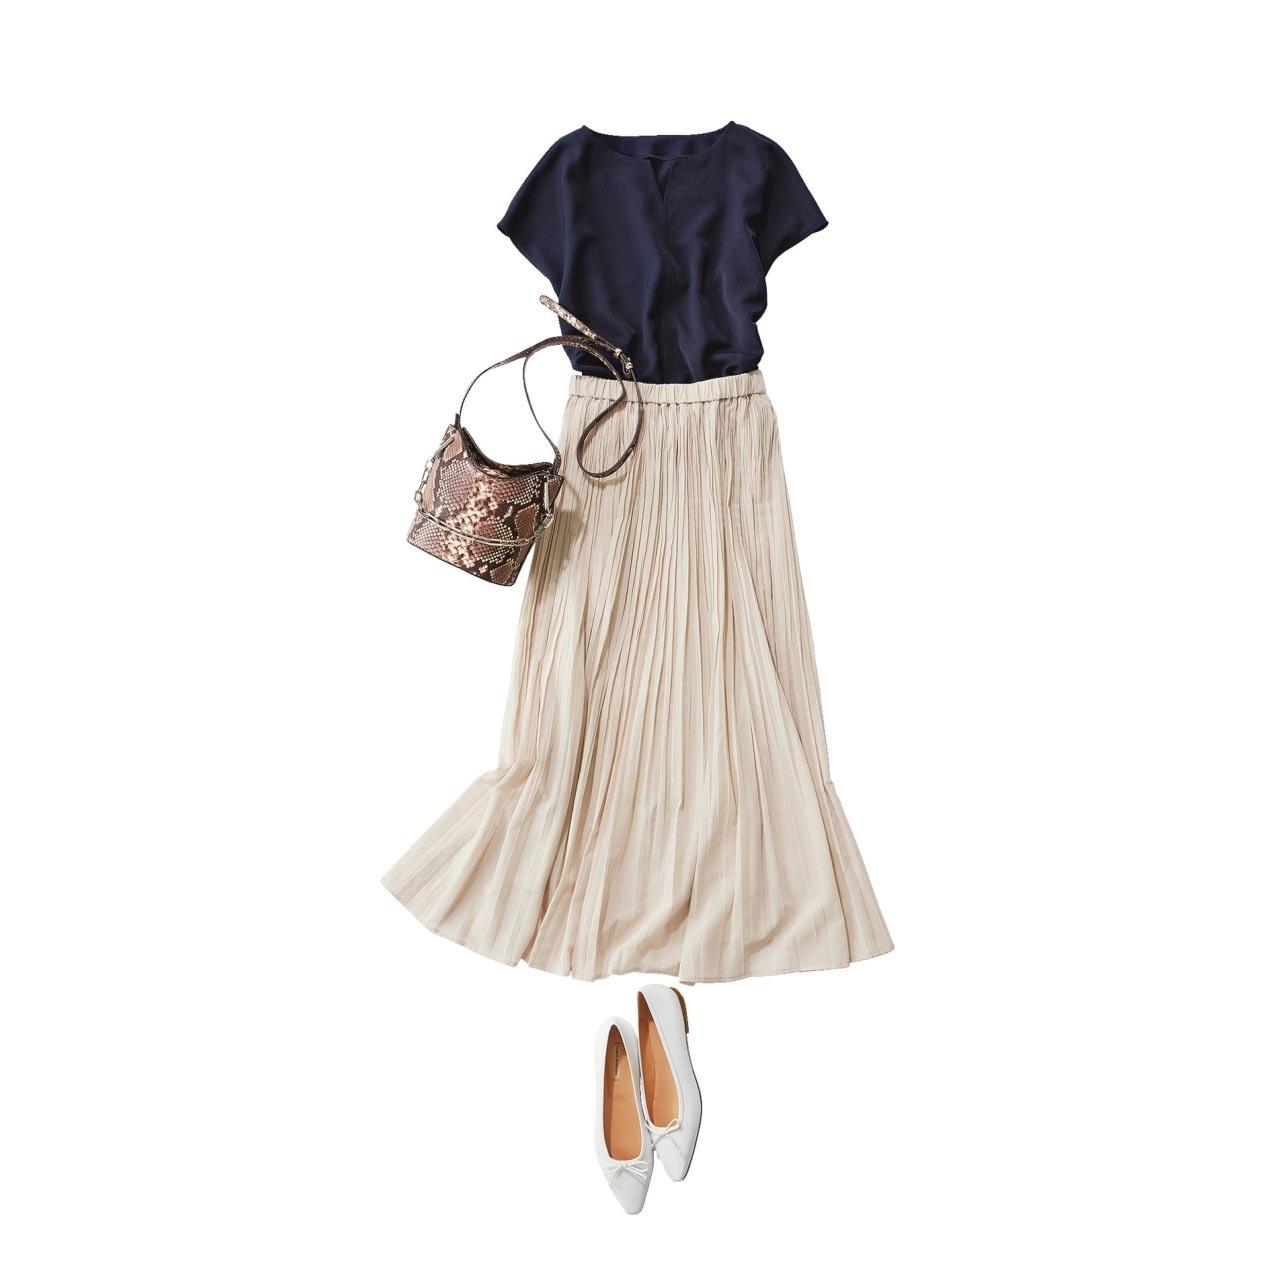 ■ネイビーブラウス×ベージュのプリーツスカートコーデ